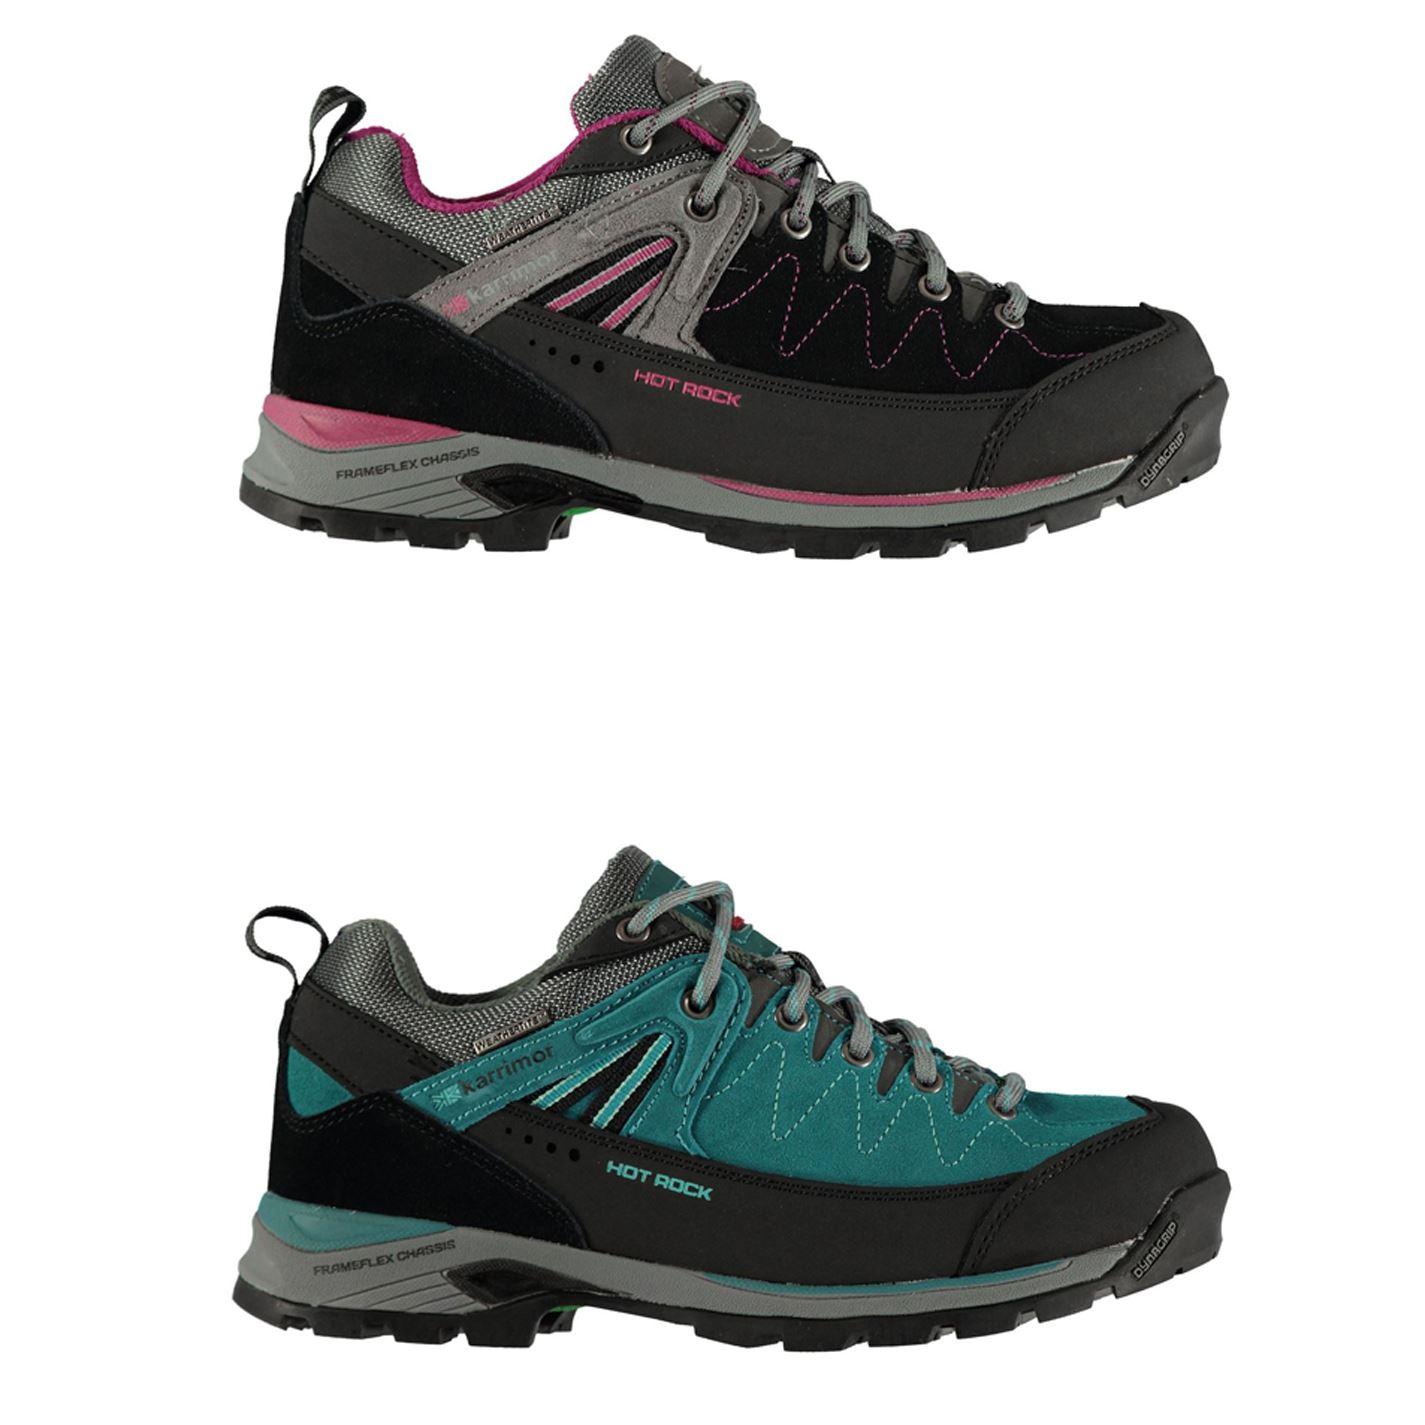 Karrimor Hot Rock Low Walking Shoes